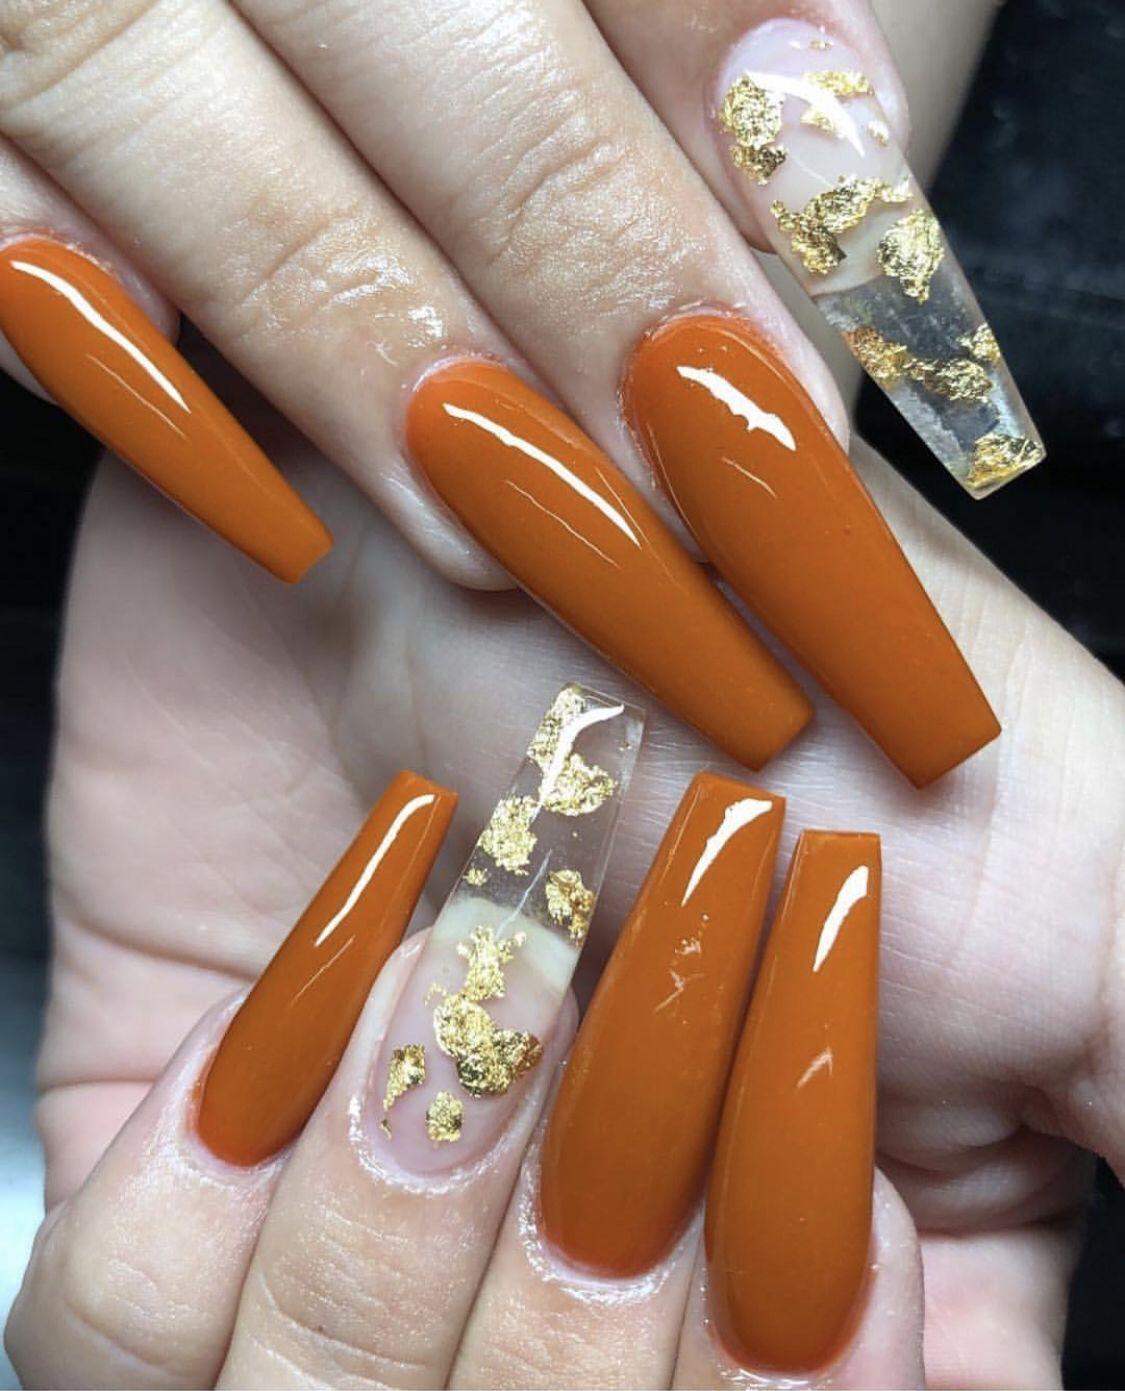 Pin By Iamkj Sshh On Nails Fall Acrylic Nails Orange Nails Cute Nails